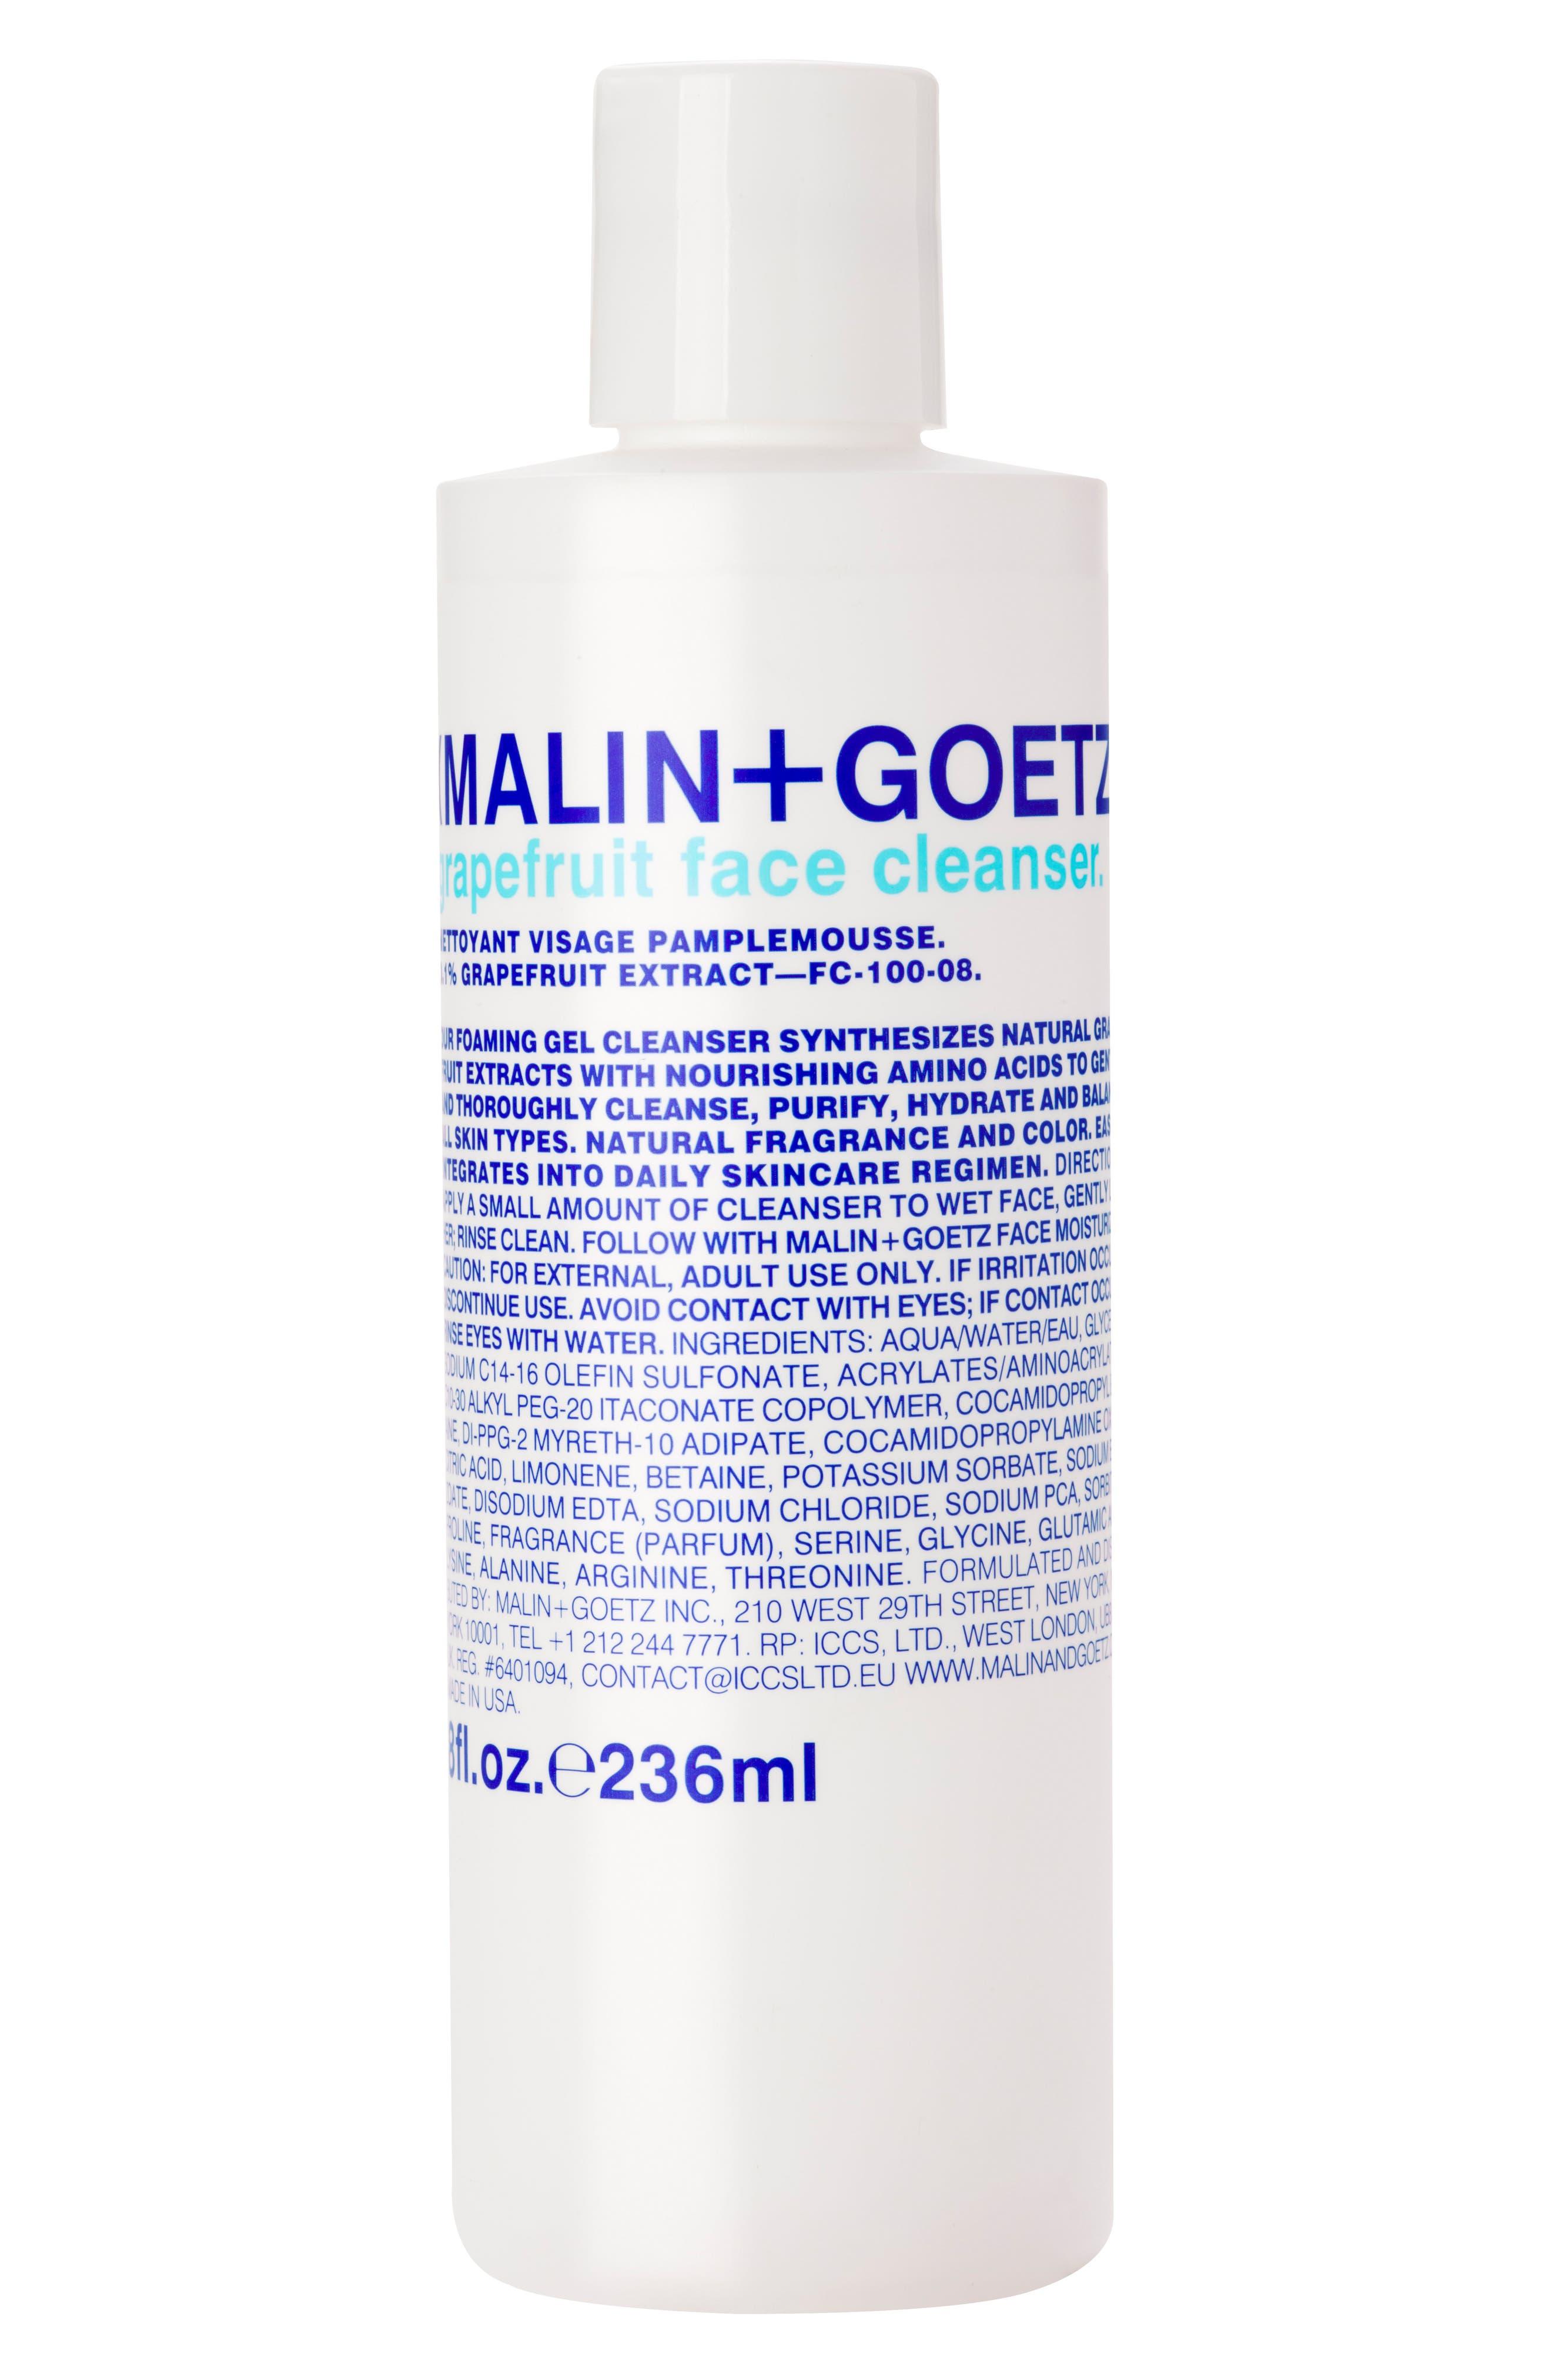 MALIN+GOETZ Grapefruit Face Cleanser, Main, color, NO COLOR